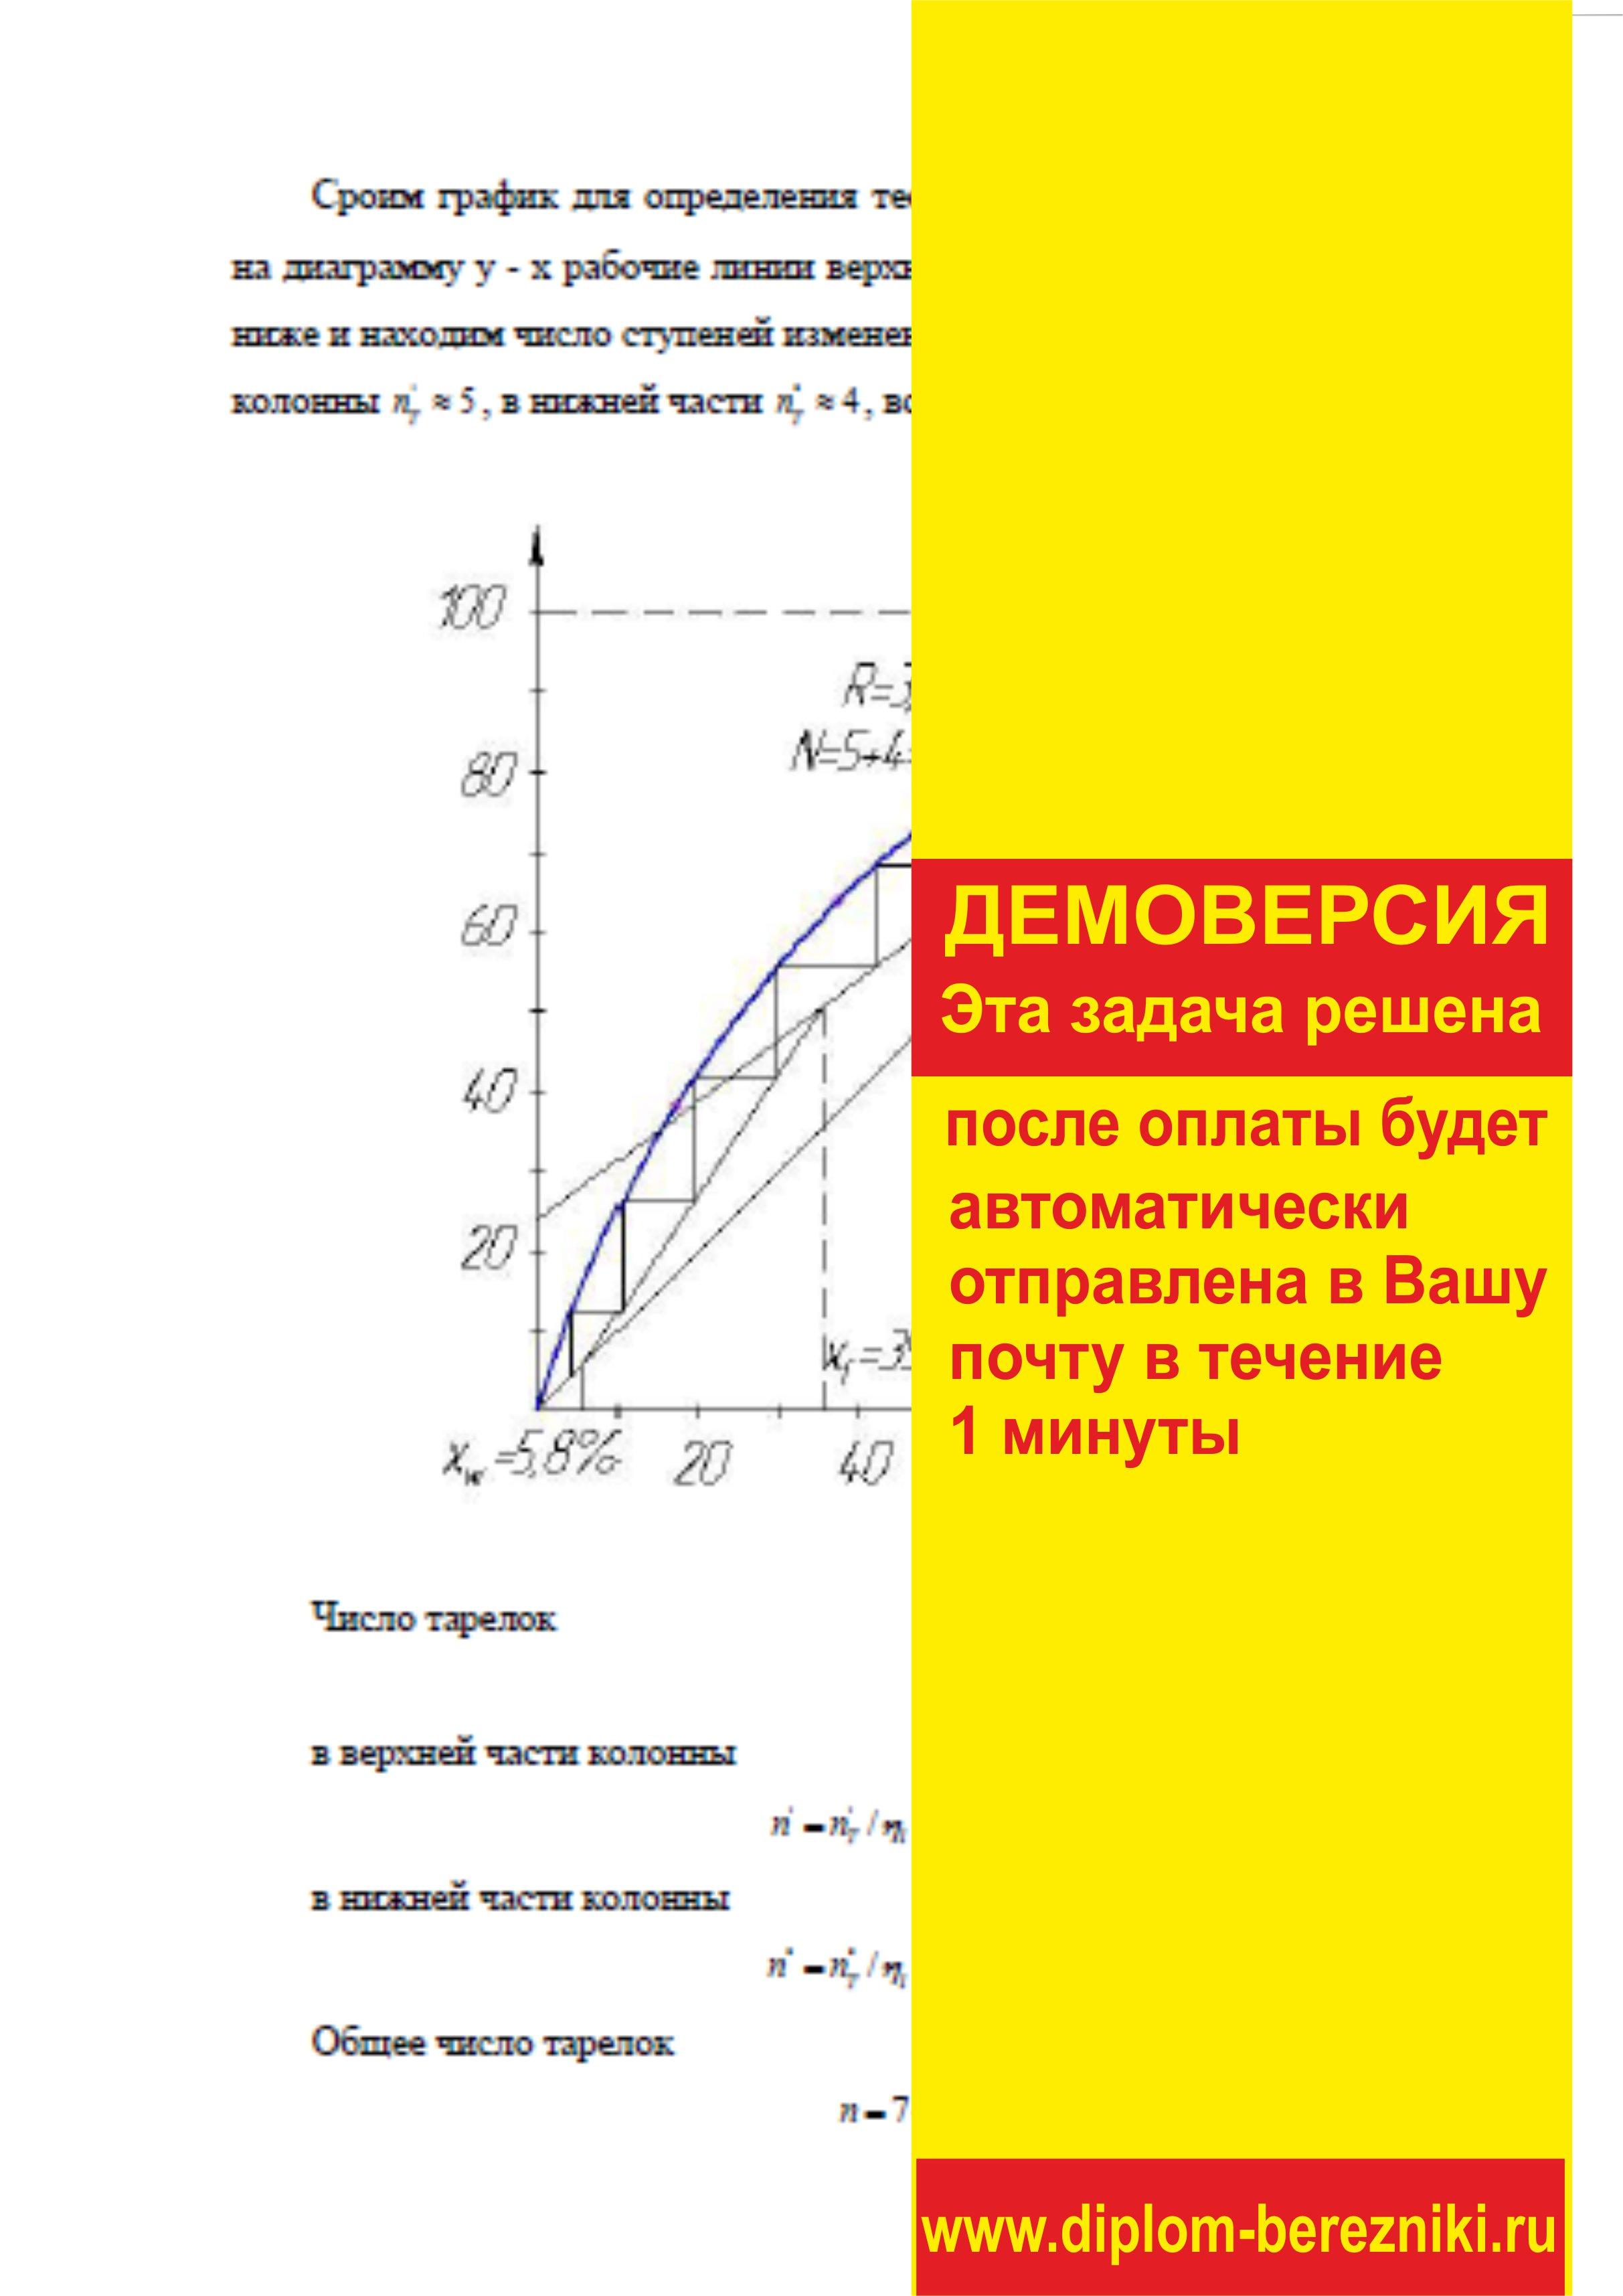 Решение задачи 7.27 по ПАХТ из задачника Павлова Романкова Носкова